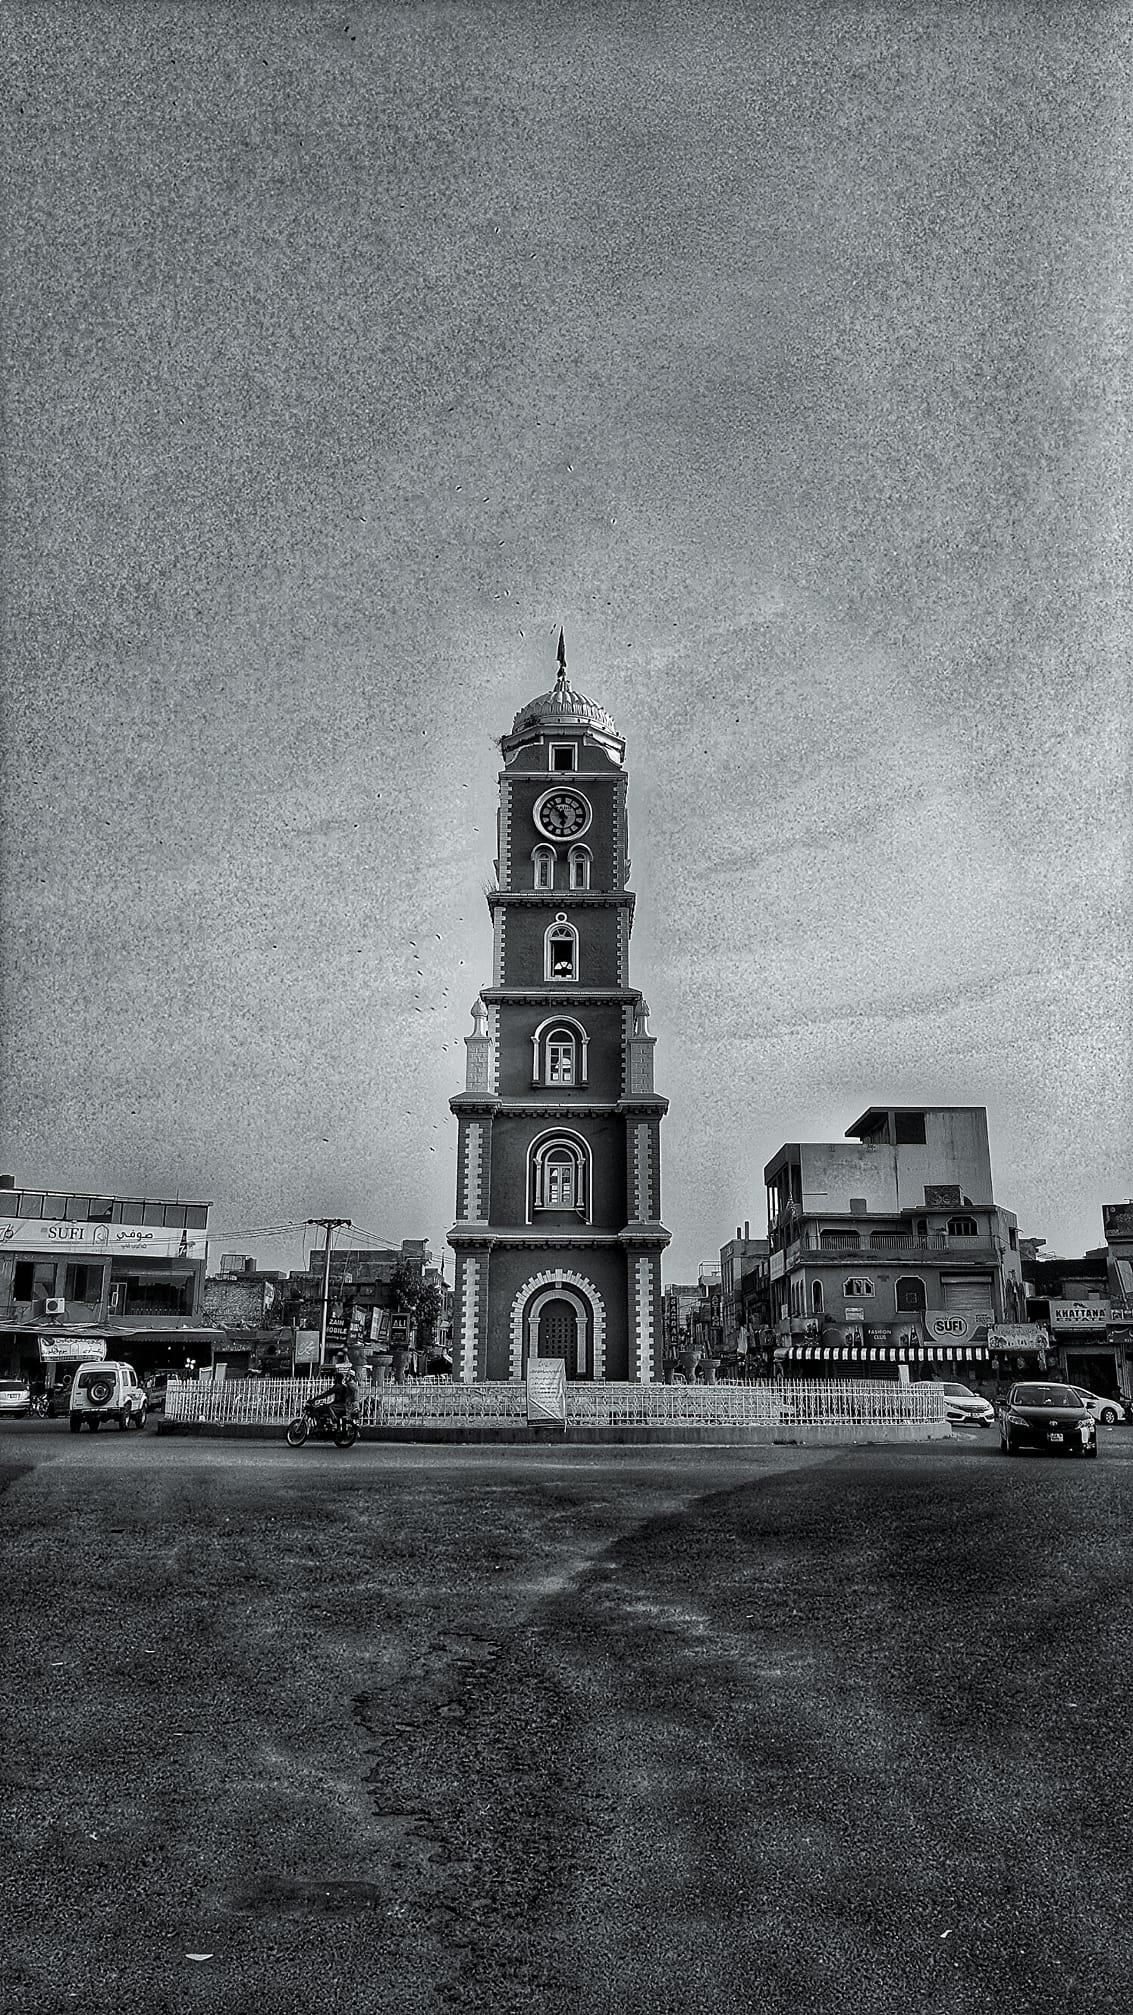 Sialkot Ghanta Ghar -Sialkot Clock Tower by Omayer Emghad